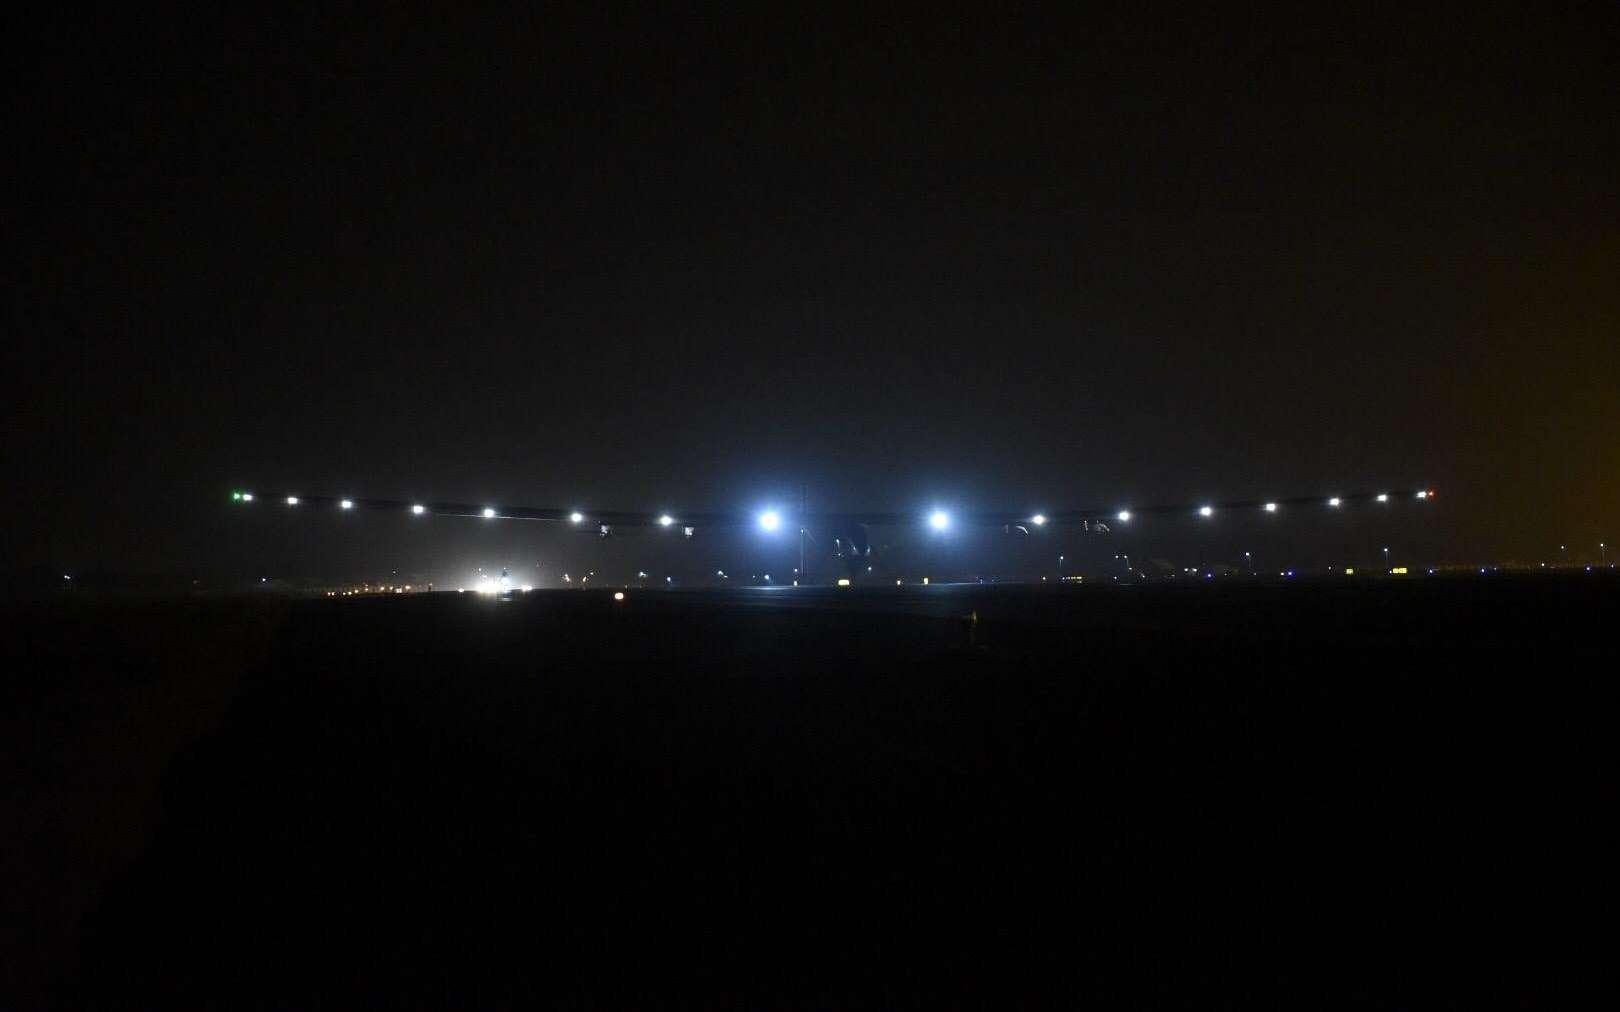 À 23 h 25 (17 h 55 TU), le mardi 10 mars 2015, Bertrand Piccard a atterri avec l'avion SI2 à Ahmedabad. Il avait décollé de Mascate le matin. Le vol a duré un peu moins de 16 heures. © Solar Impulse